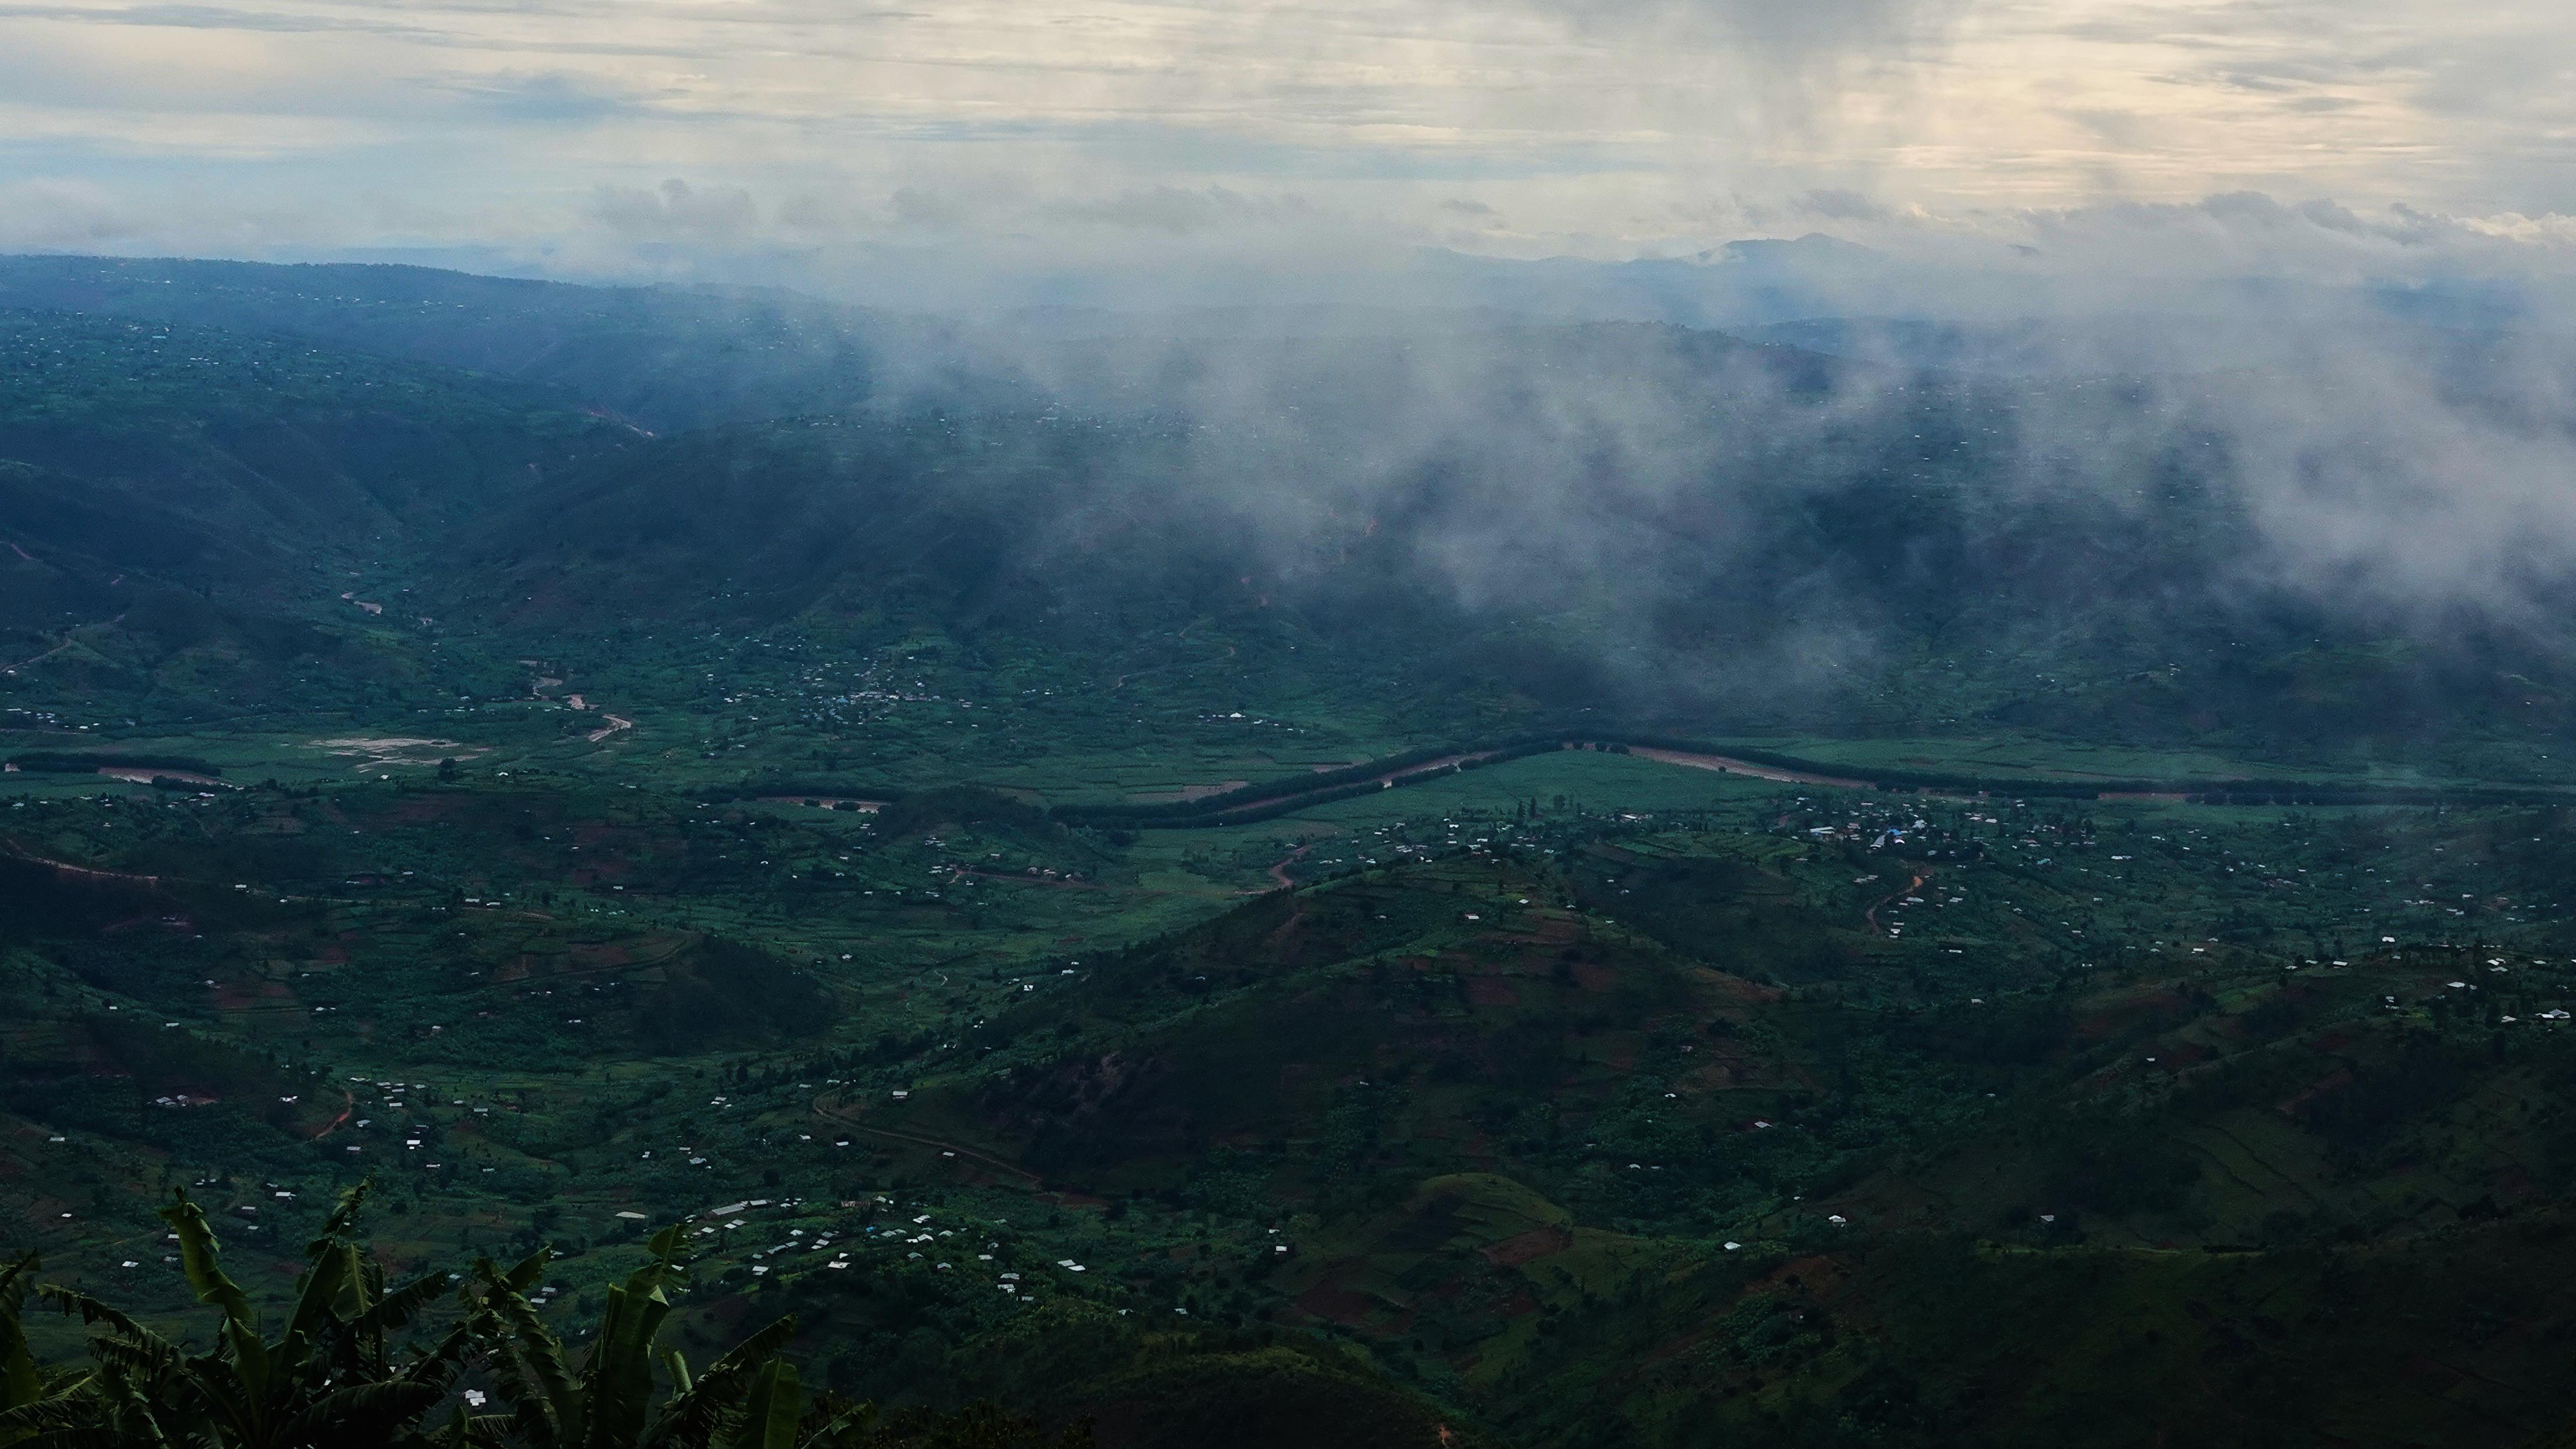 La grande rivière Nyabarongo au creux d'une vallée au Rwanda